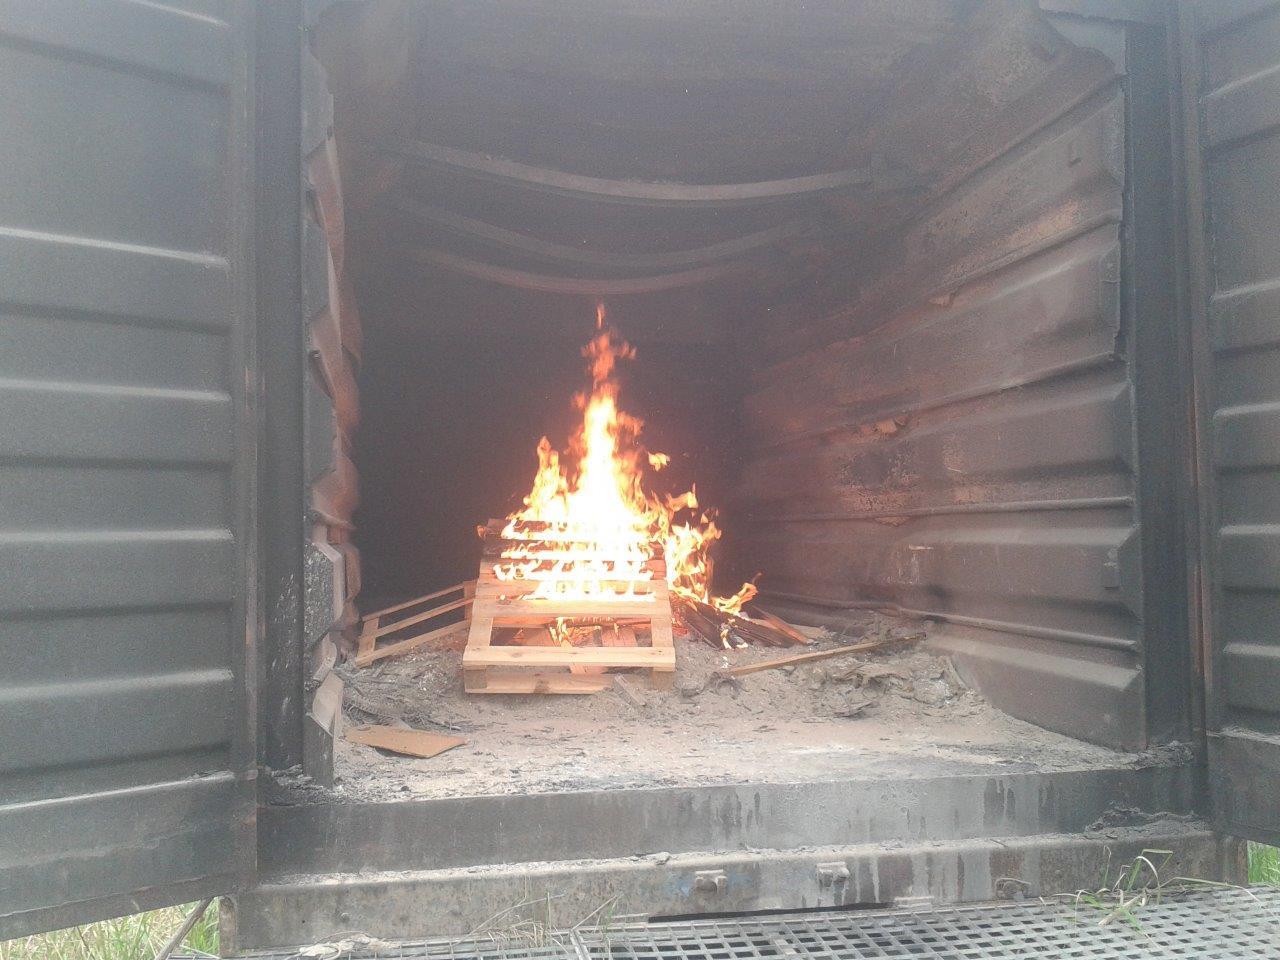 Realitätsnahe Atemschutzausbildung der Feuerwehren der Gemeinde Rimbach